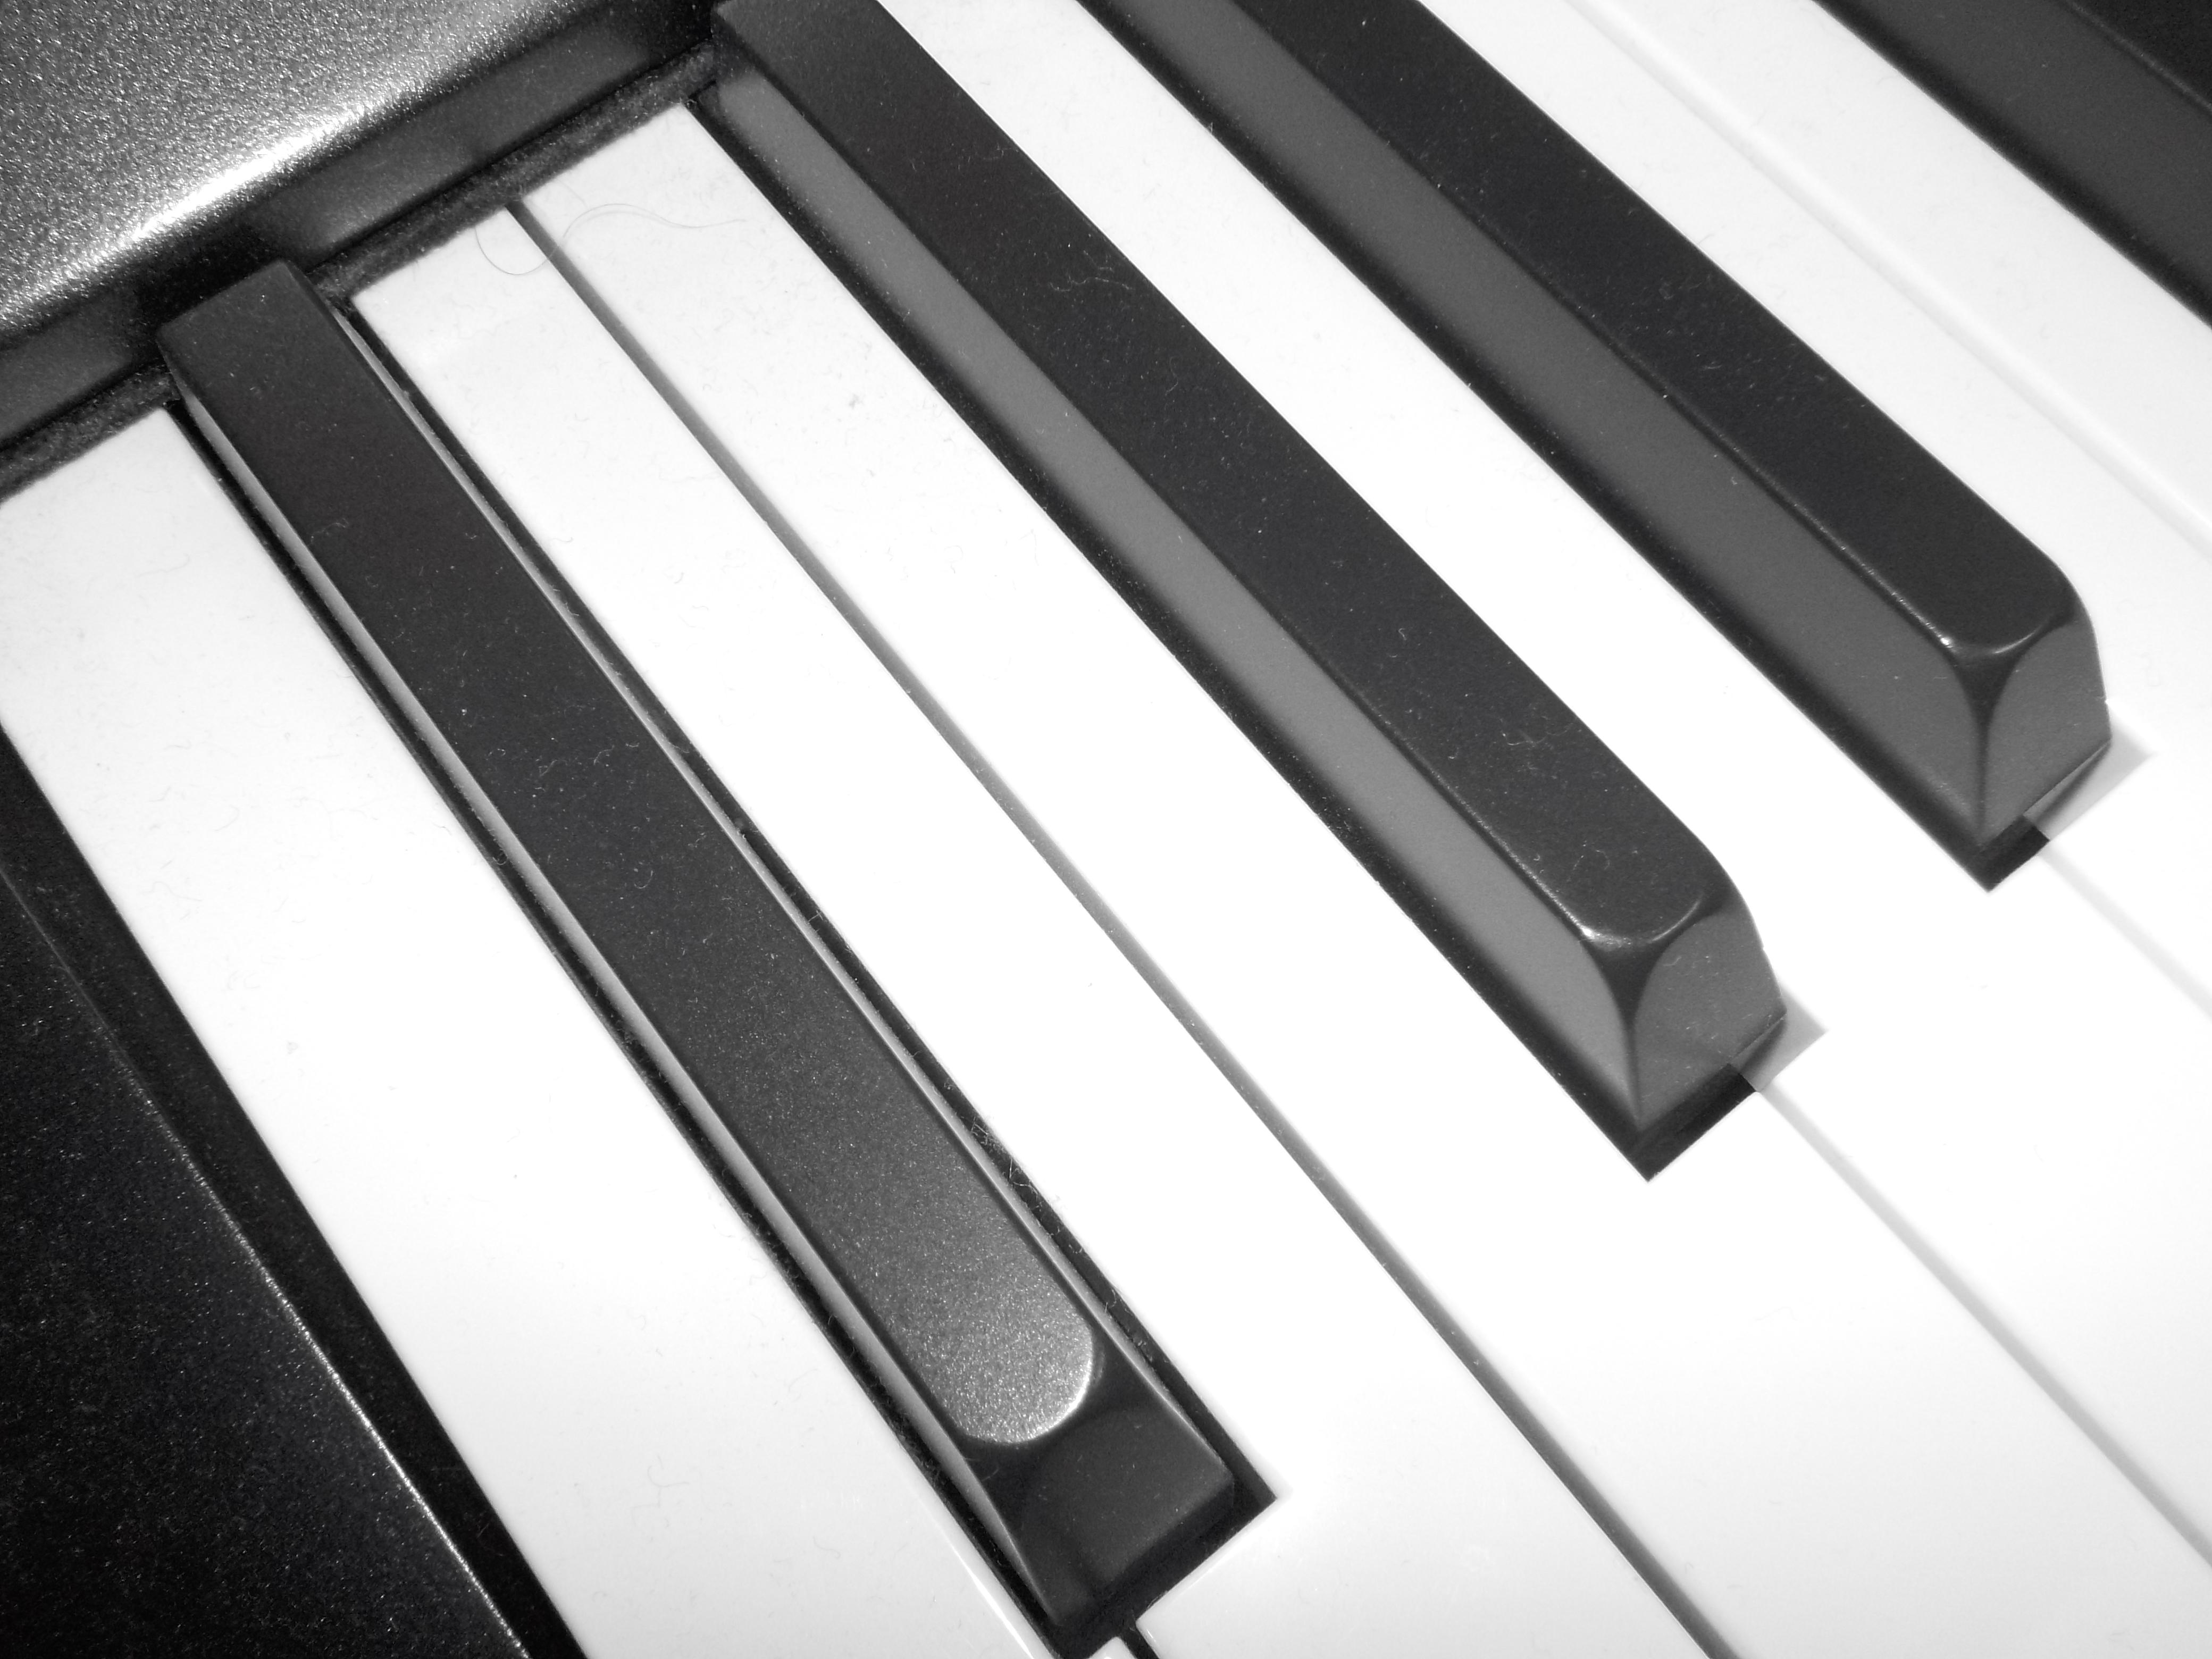 Shining Keyboard by Taking-Flyte